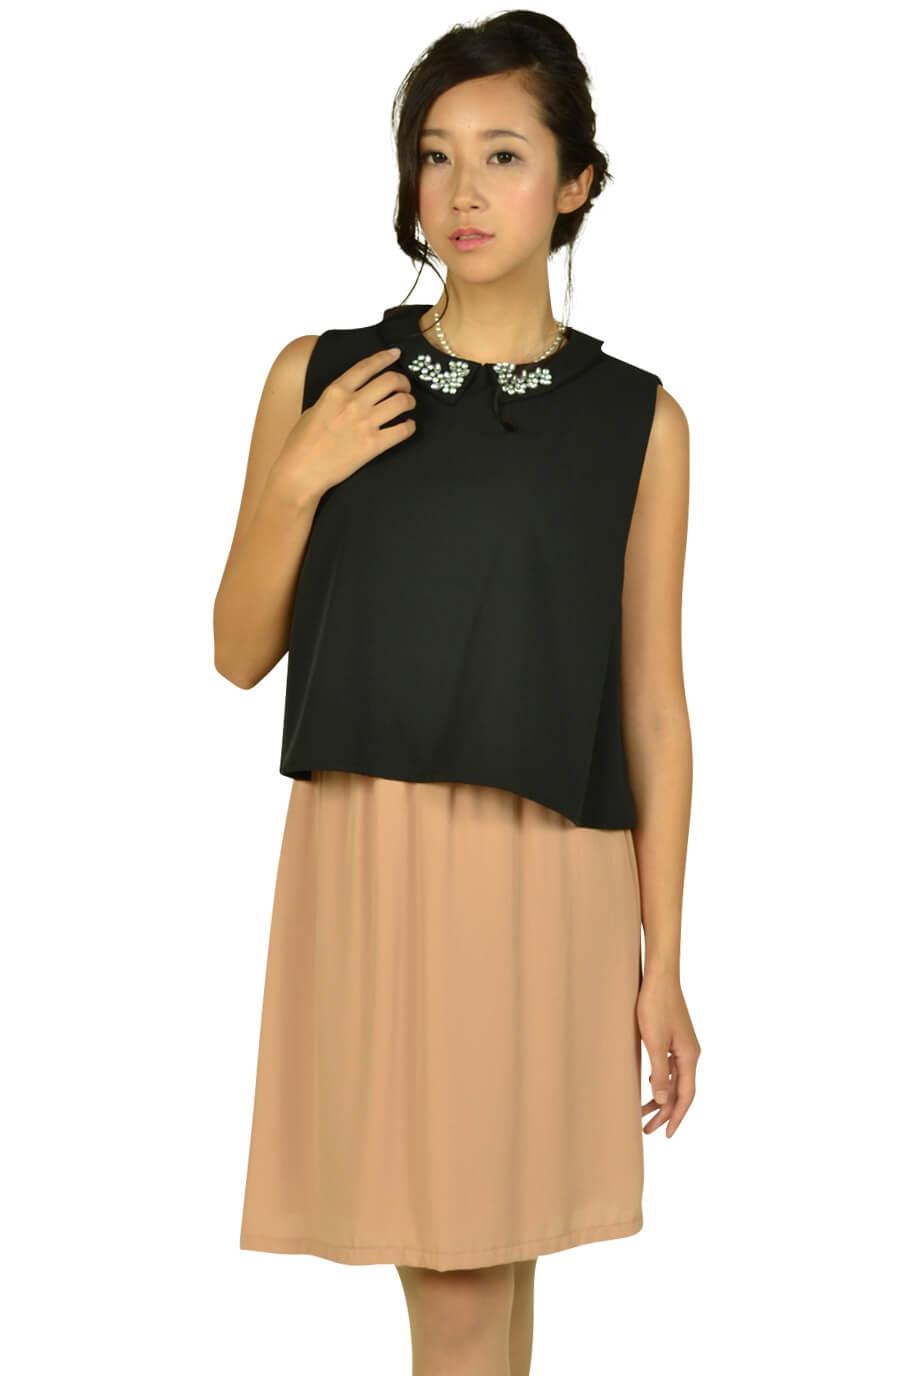 リトルブラックドレス (LITTLE BLACK DRESS)襟付きブラックバイカラードレス